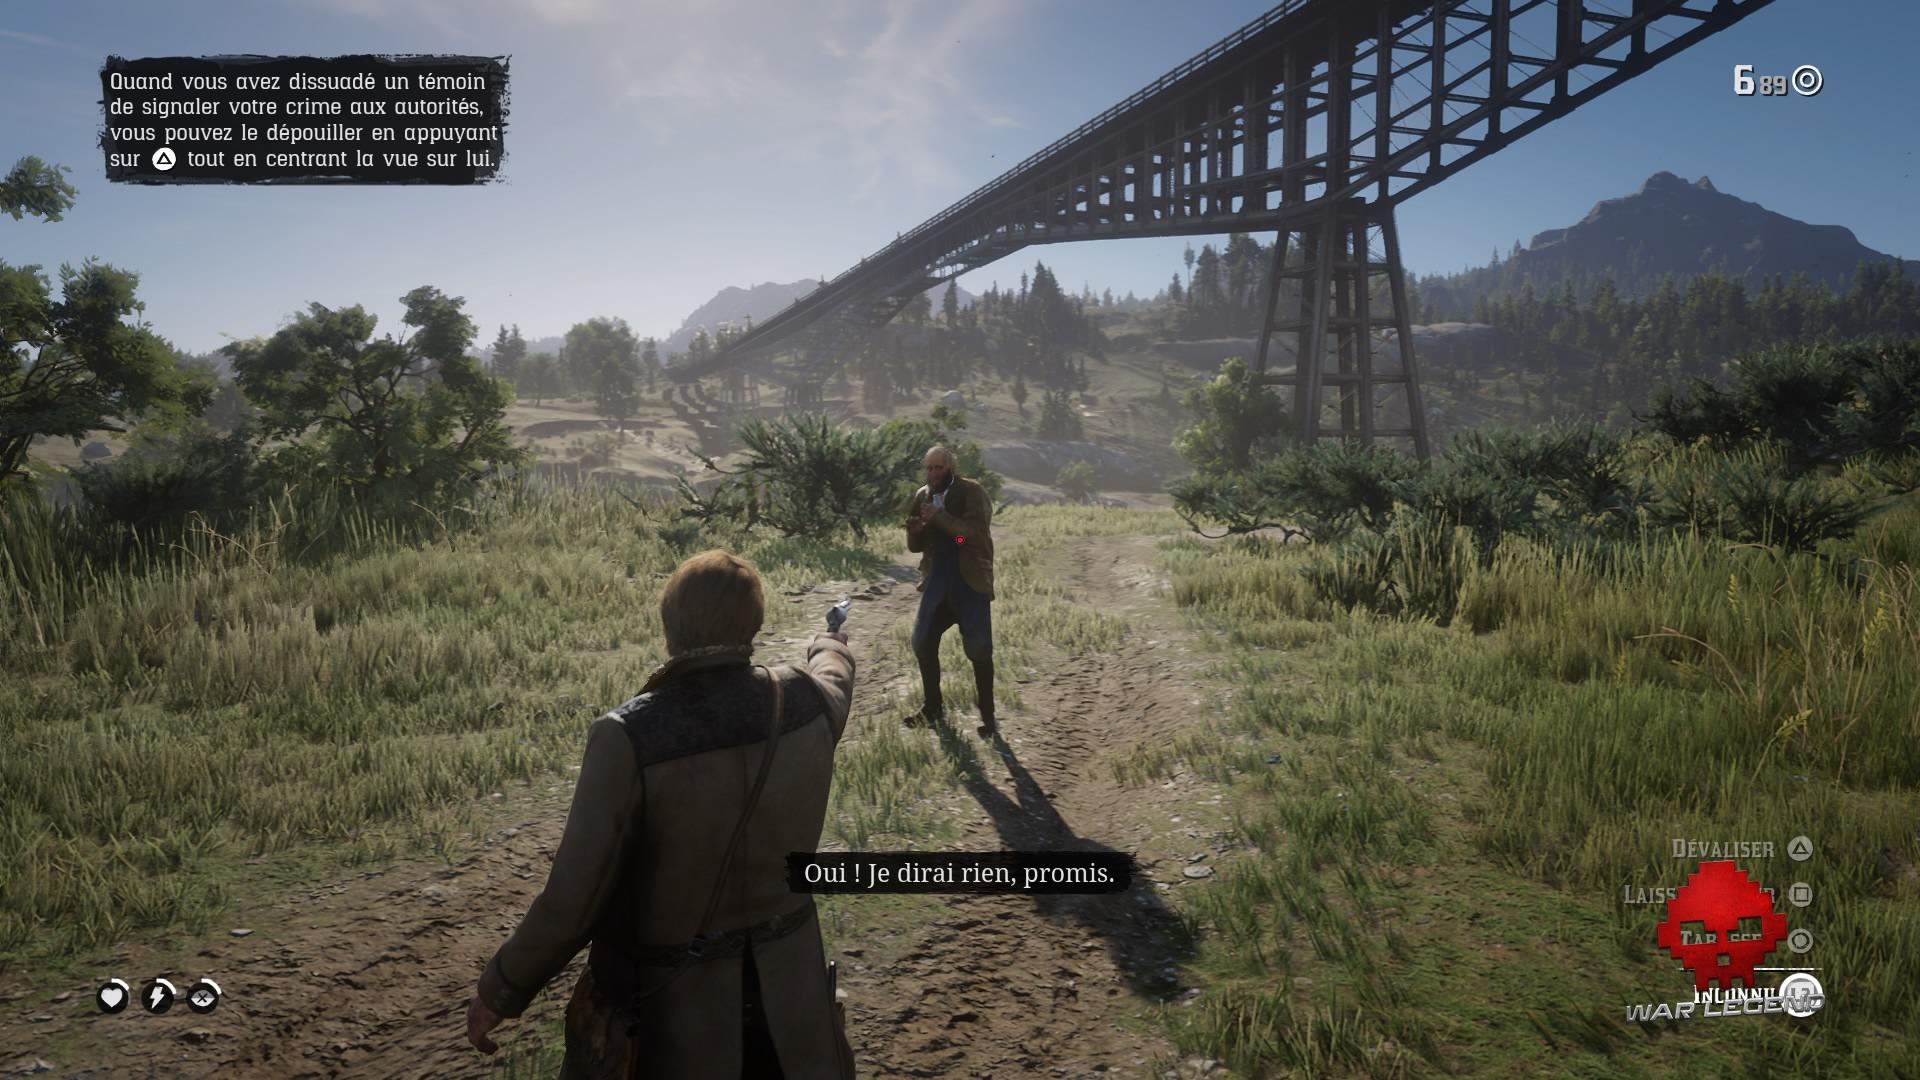 Red Dead Redemption 2 celui qui n'est pas sans péché Menacer un témoin